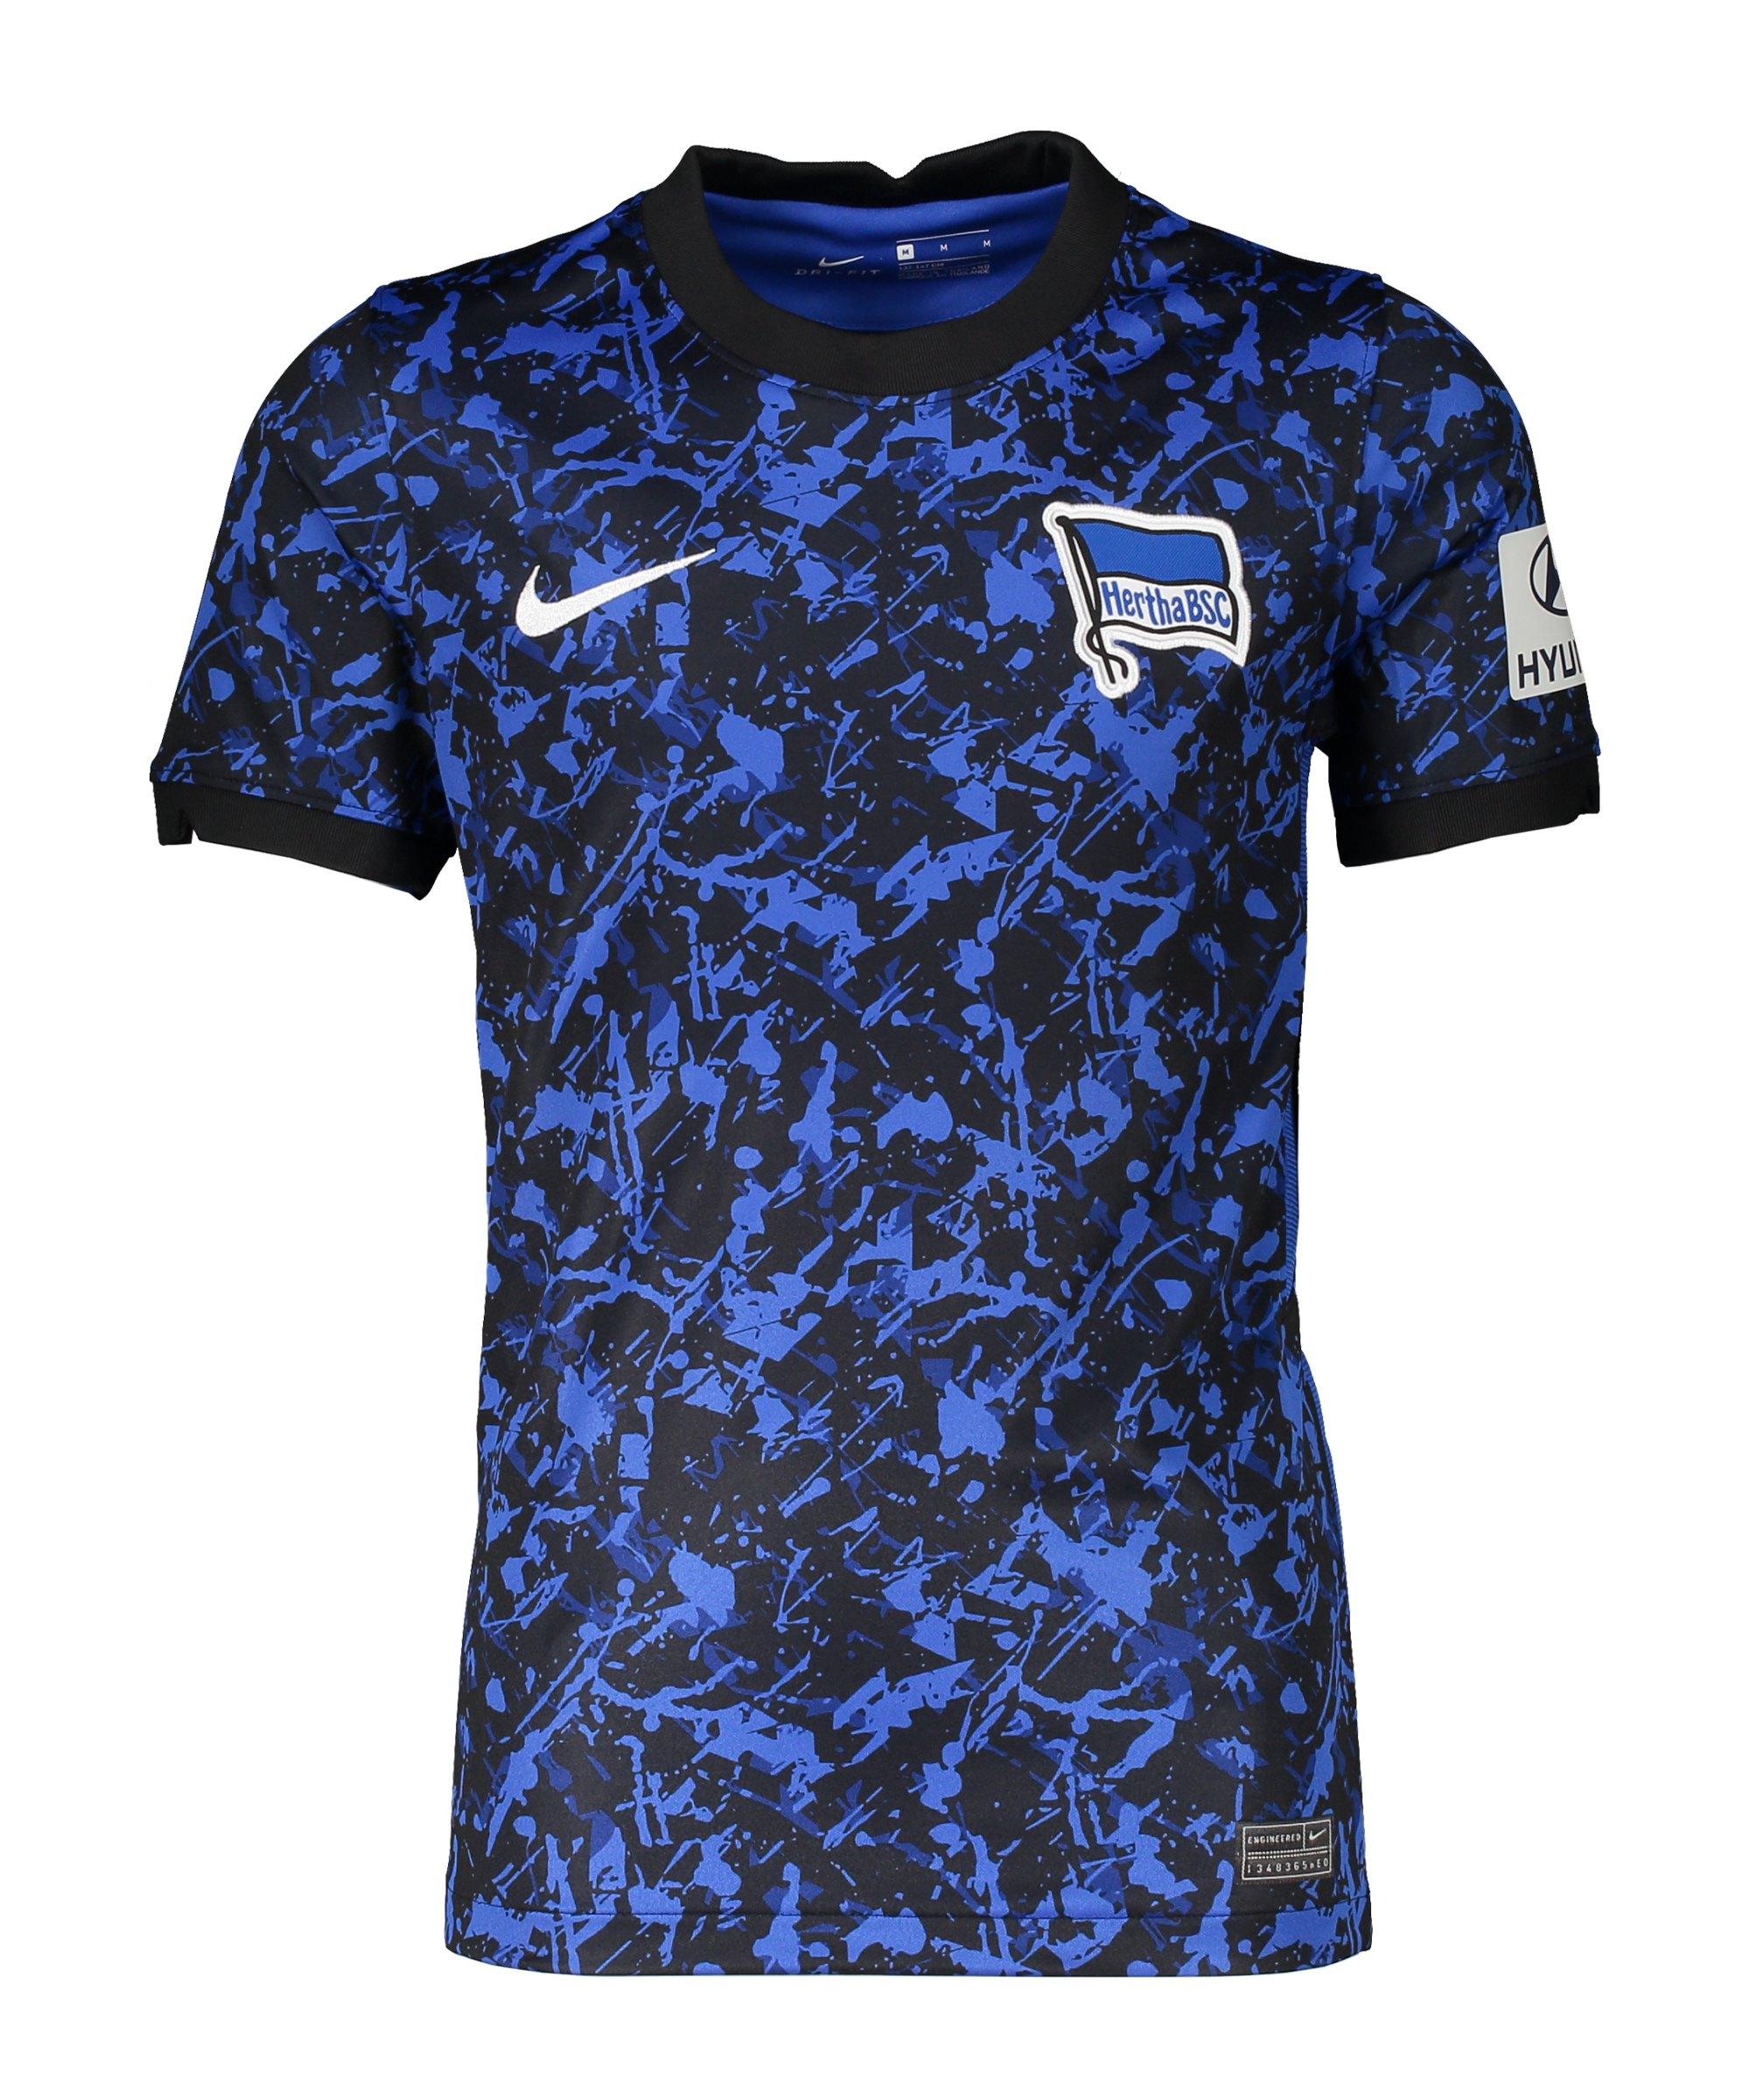 Nike Hertha BSC Trikot Away 2020/2021 Blau F408 - blau